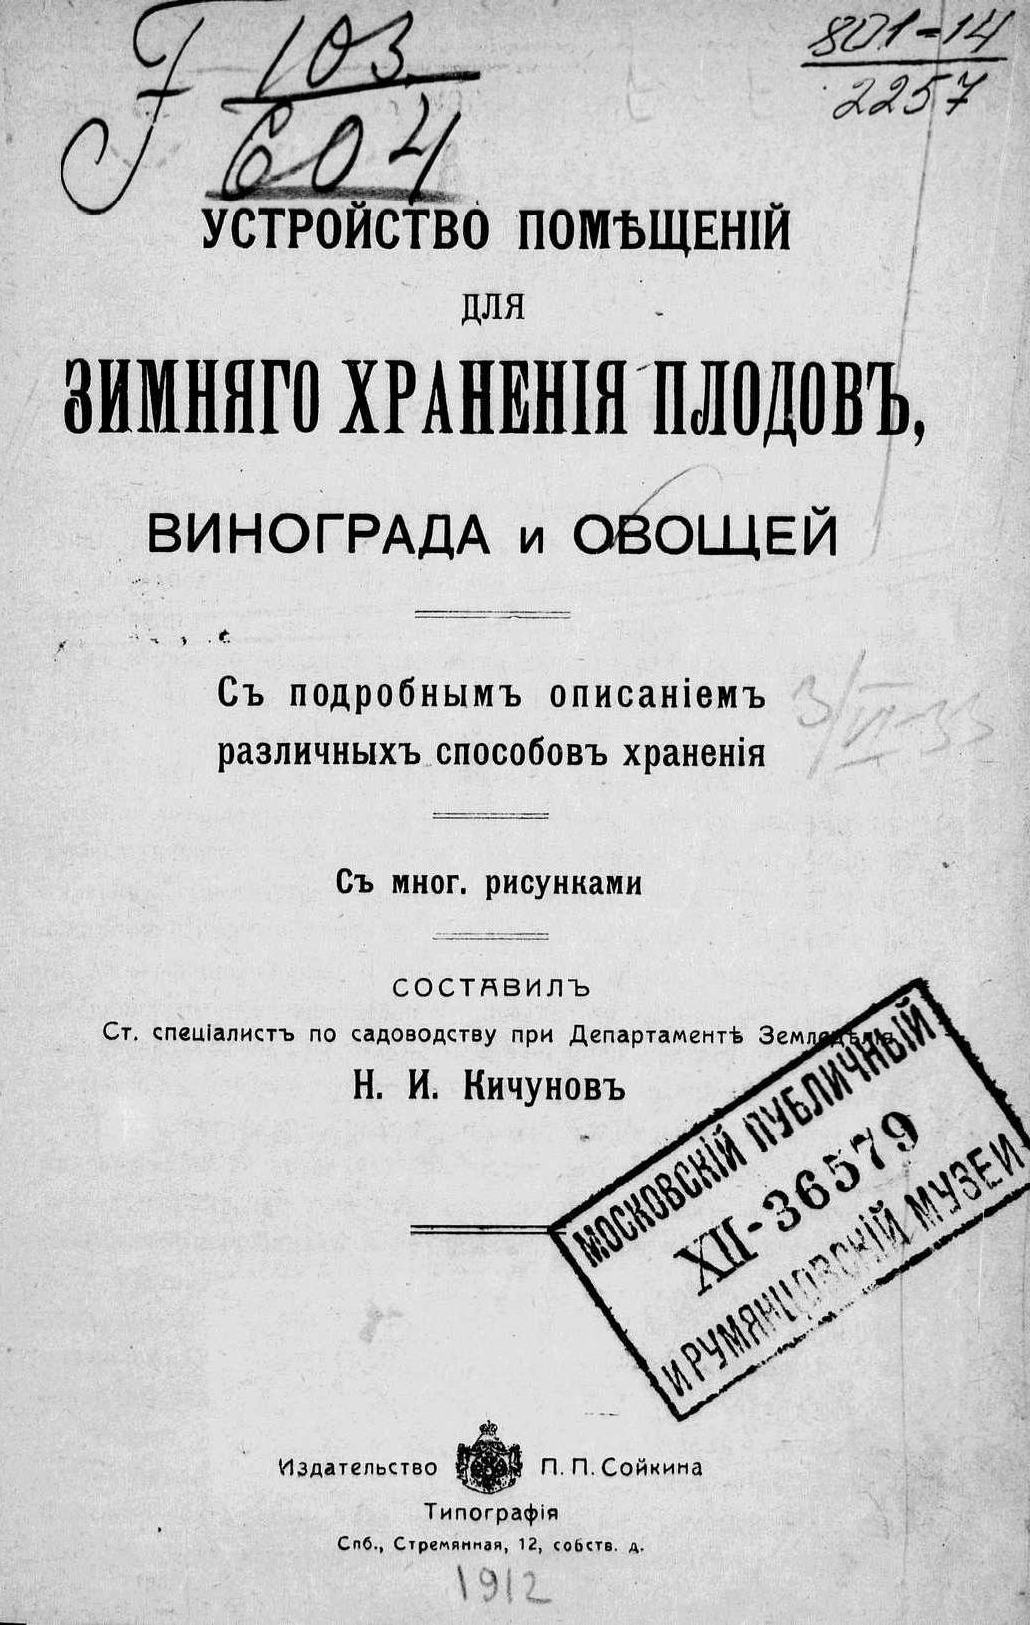 kichunov-ustroistvo-pomeshchenii-dlia-zimnego-khraneniia-plodov-1912_Page1.jpg